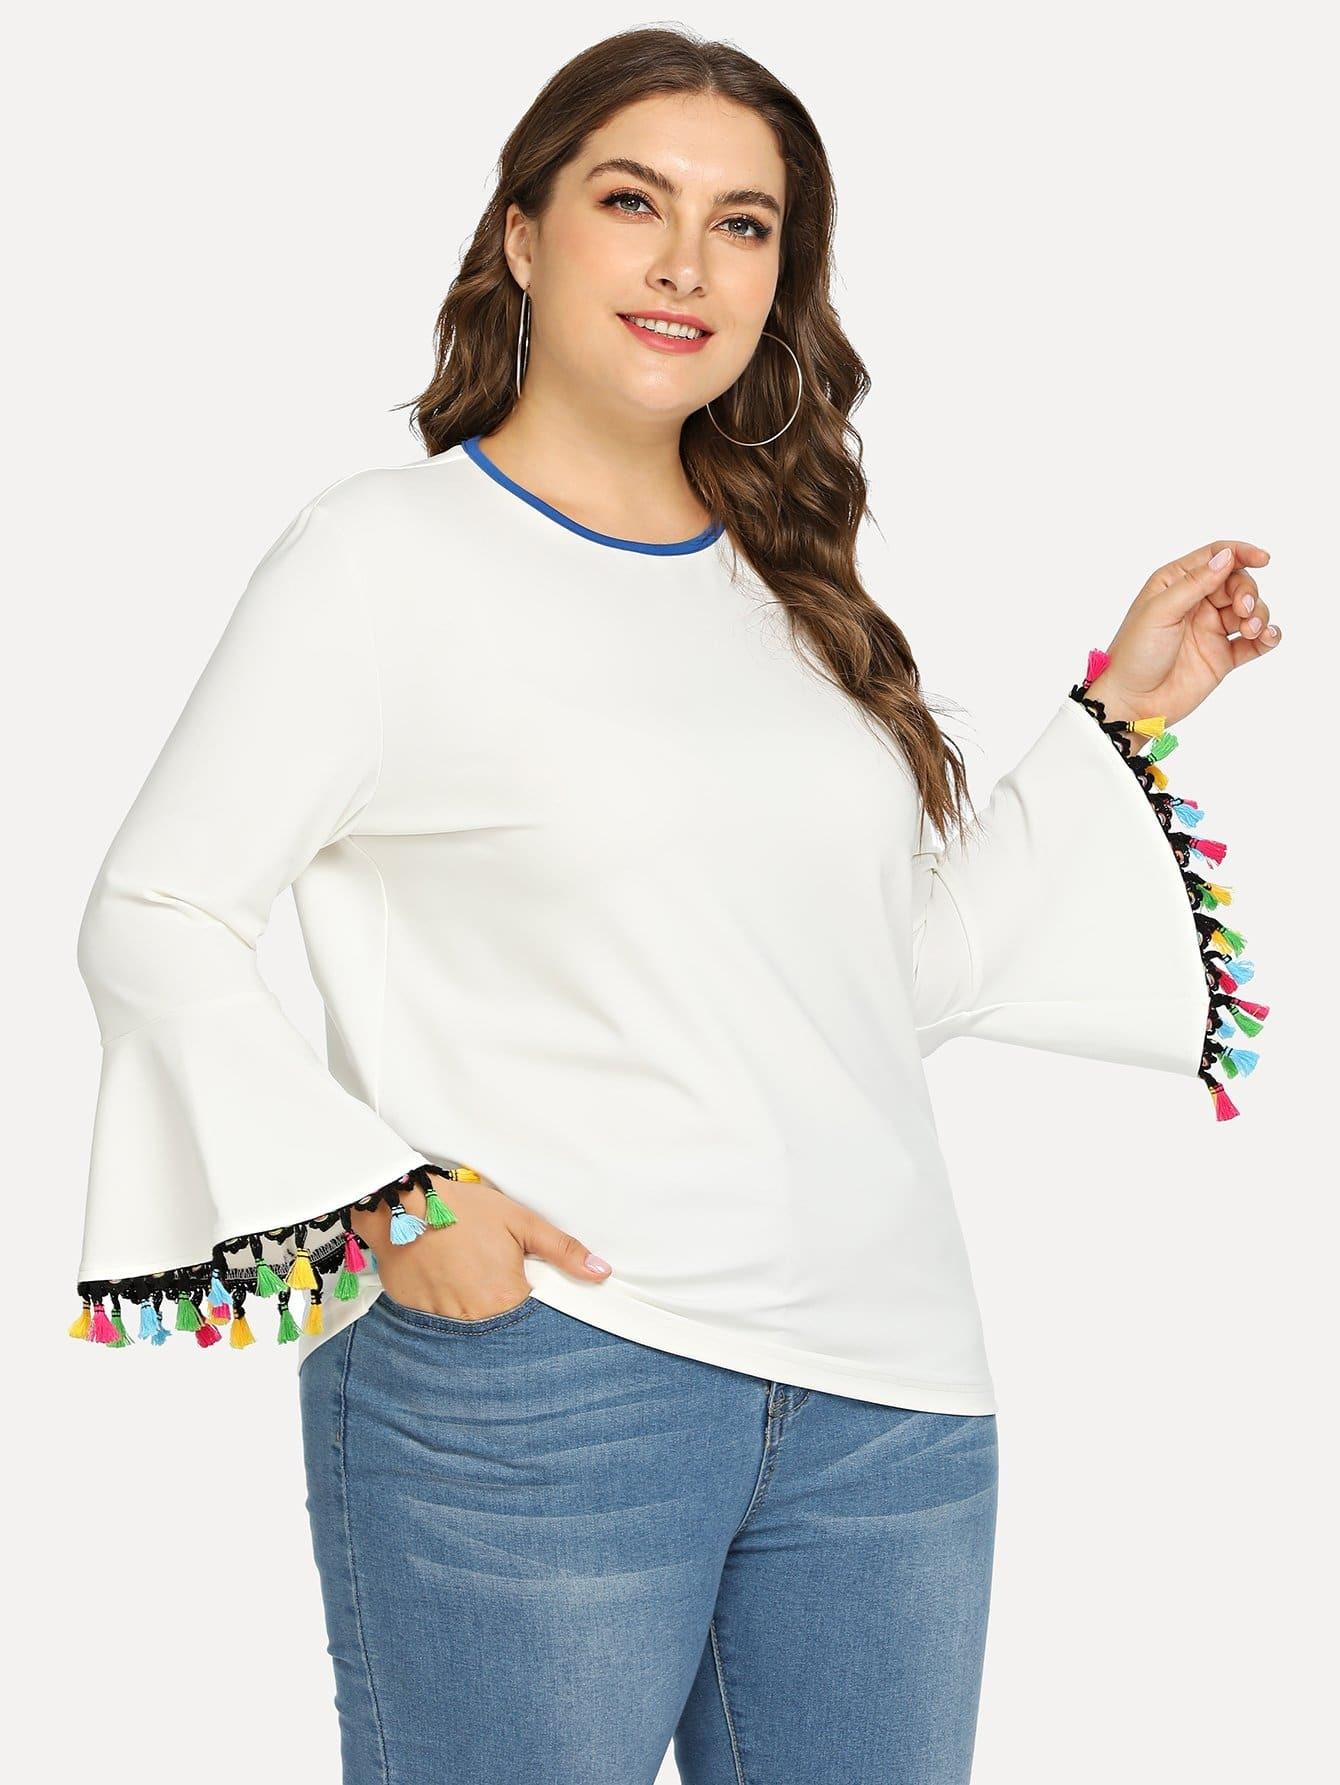 Купить Большая футболка и рукав с розеткой и подол с бахромами, Franziska, SheIn